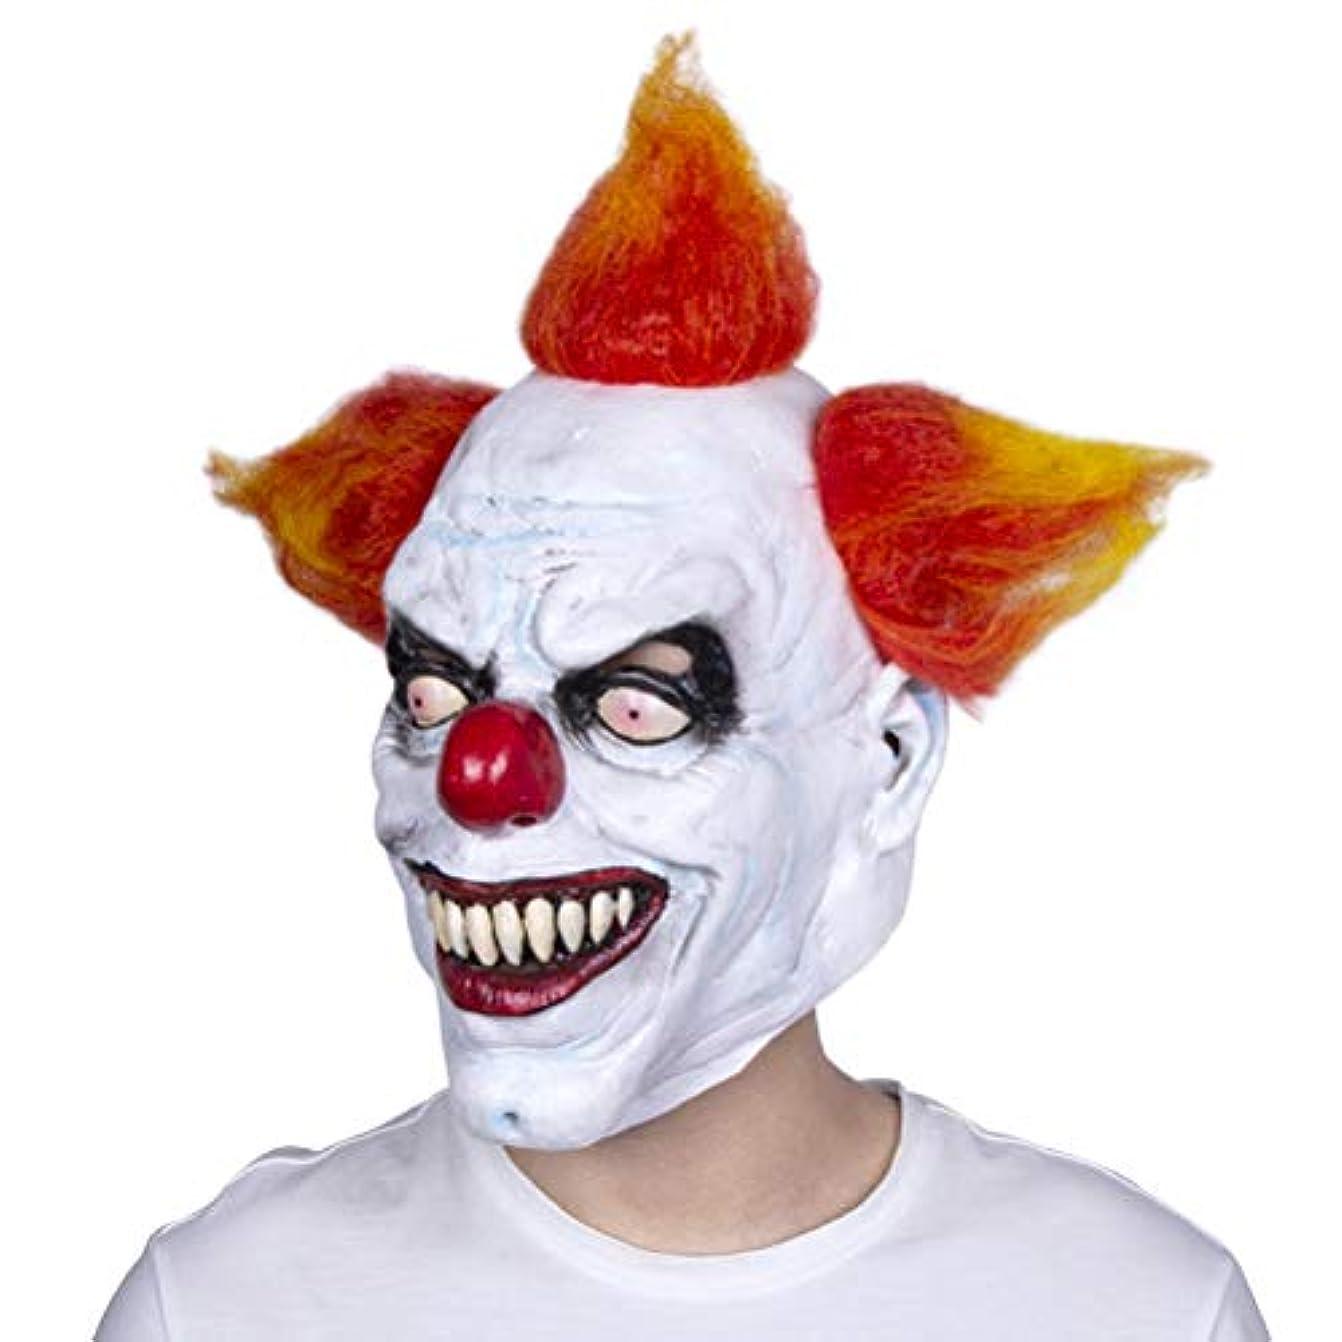 暴力的なスマッシュ引き渡すハロウィンマスク大人の男性用ラテックスヘッドギアホラーピエロマスク笑顔変な顔映画小道具仮面舞踏会マスク